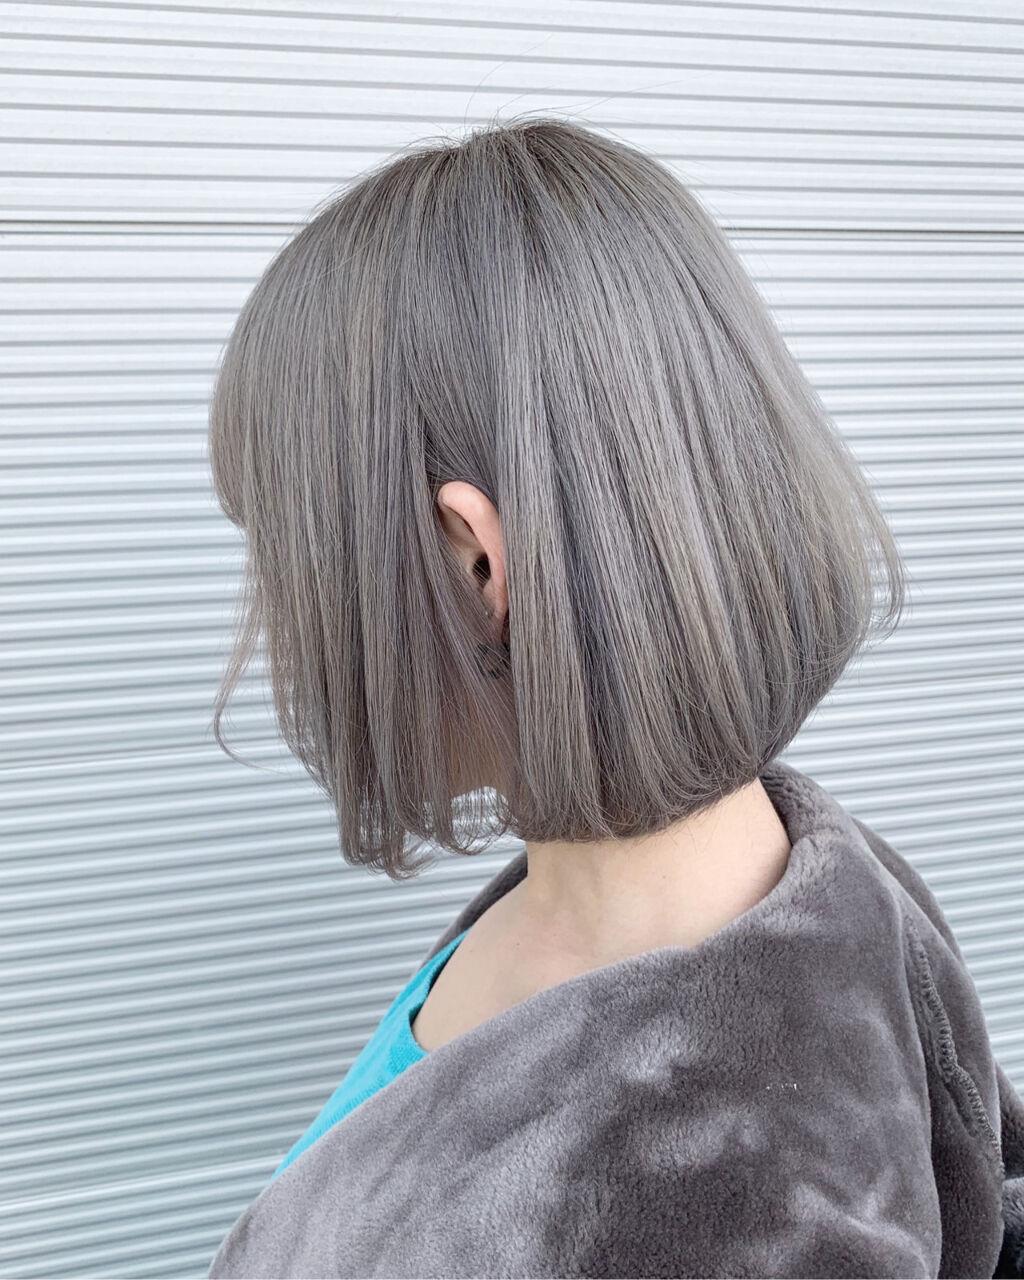 「【口コミ比較】カラートリートメントおすすめランキング15選《おしゃれ髪・白髪染め》」の画像(#156956)